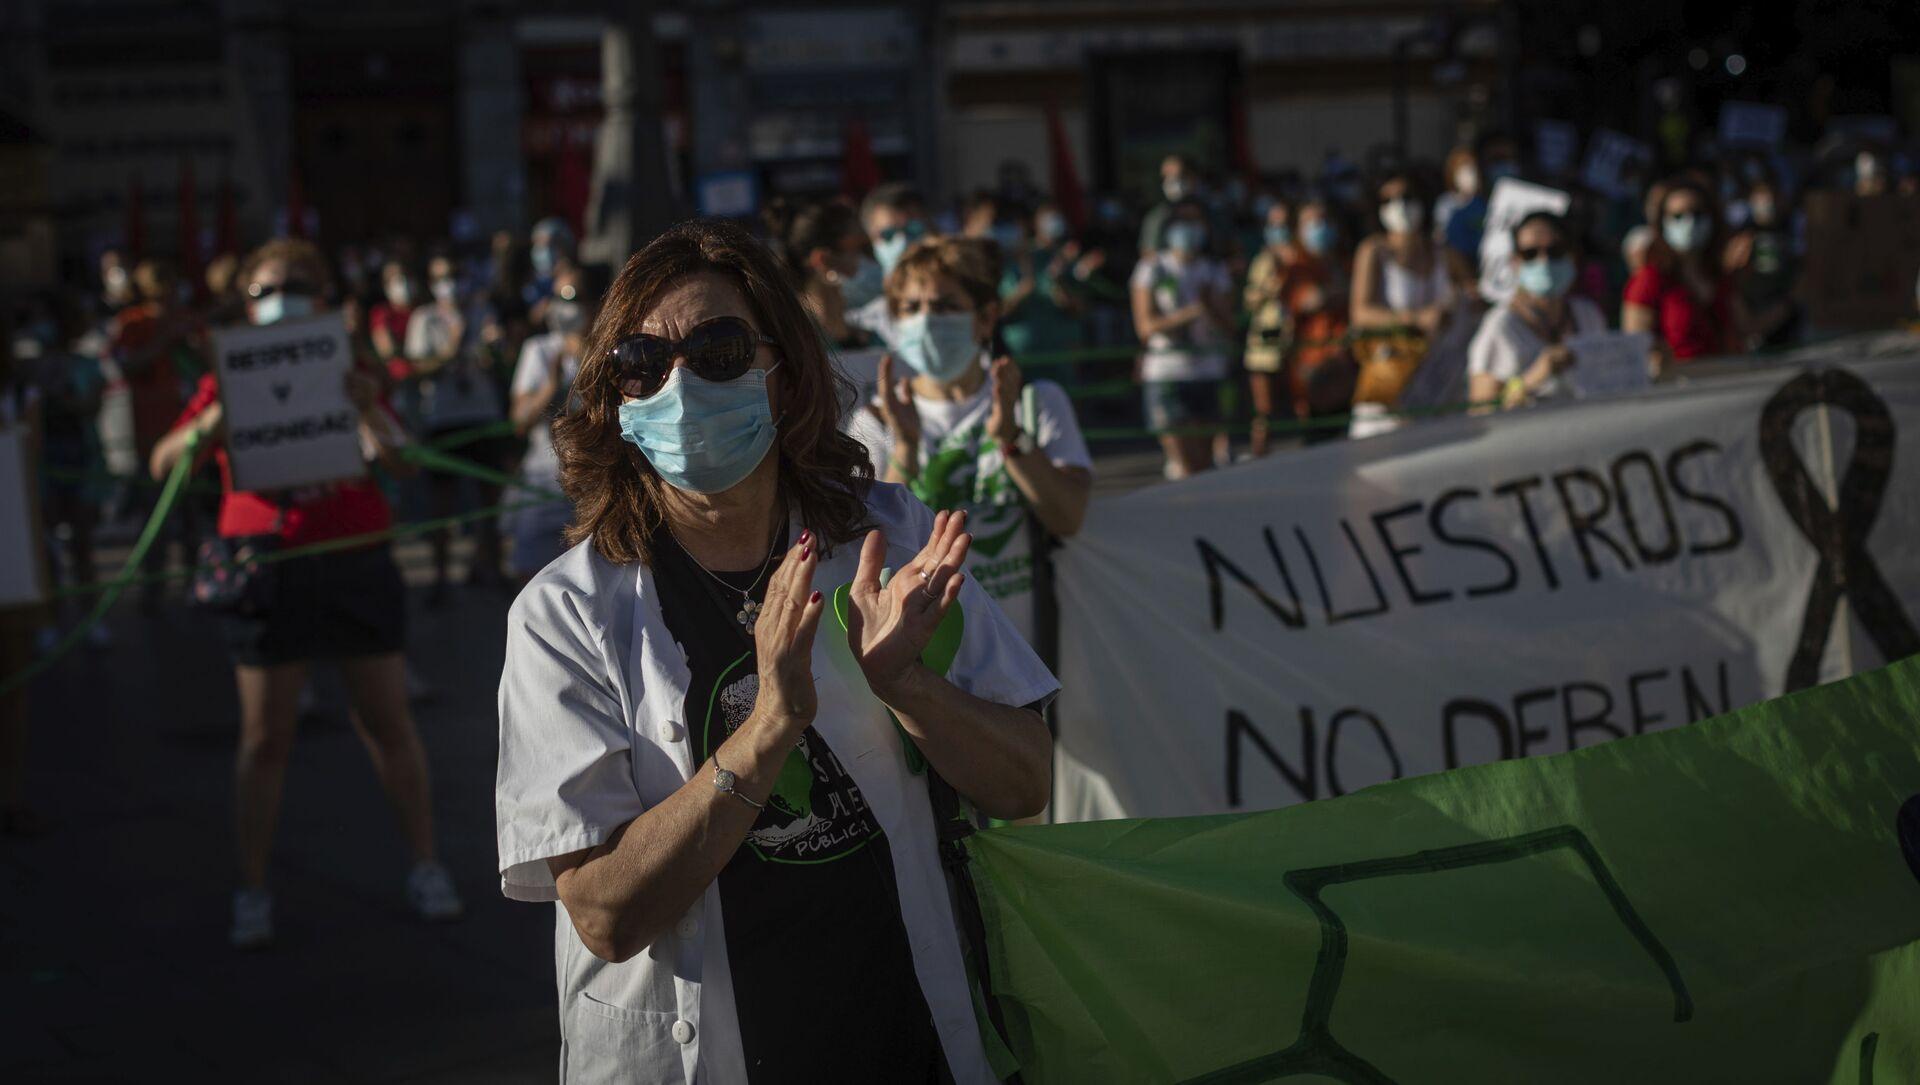 Los trabajadores sanitarios asisten a una manifestación para exigir la mejora del sistema de salud pública de España - Sputnik Mundo, 1920, 09.02.2021